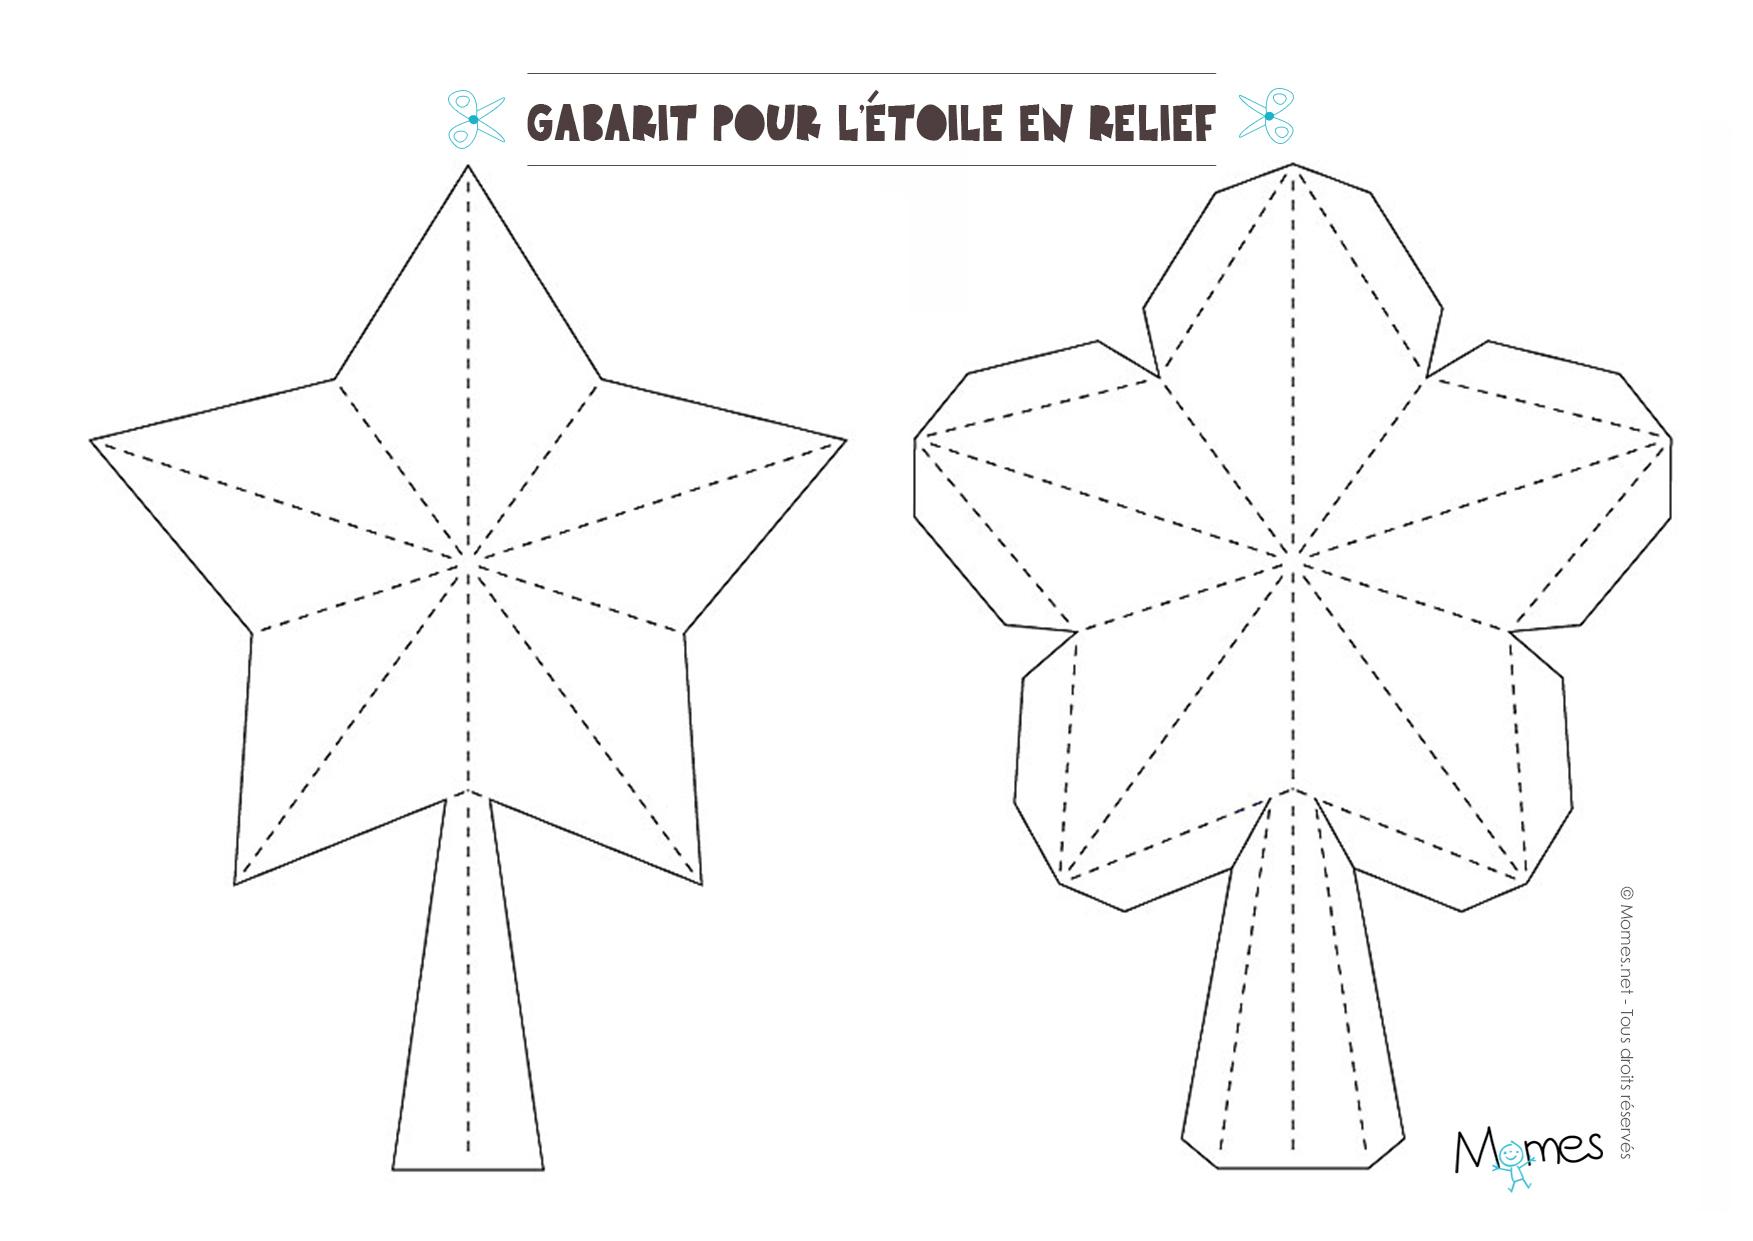 Etoile Pour Le Sapin À Fabriquer - Momes encequiconcerne Gabarit Sapin De Noel A Imprimer